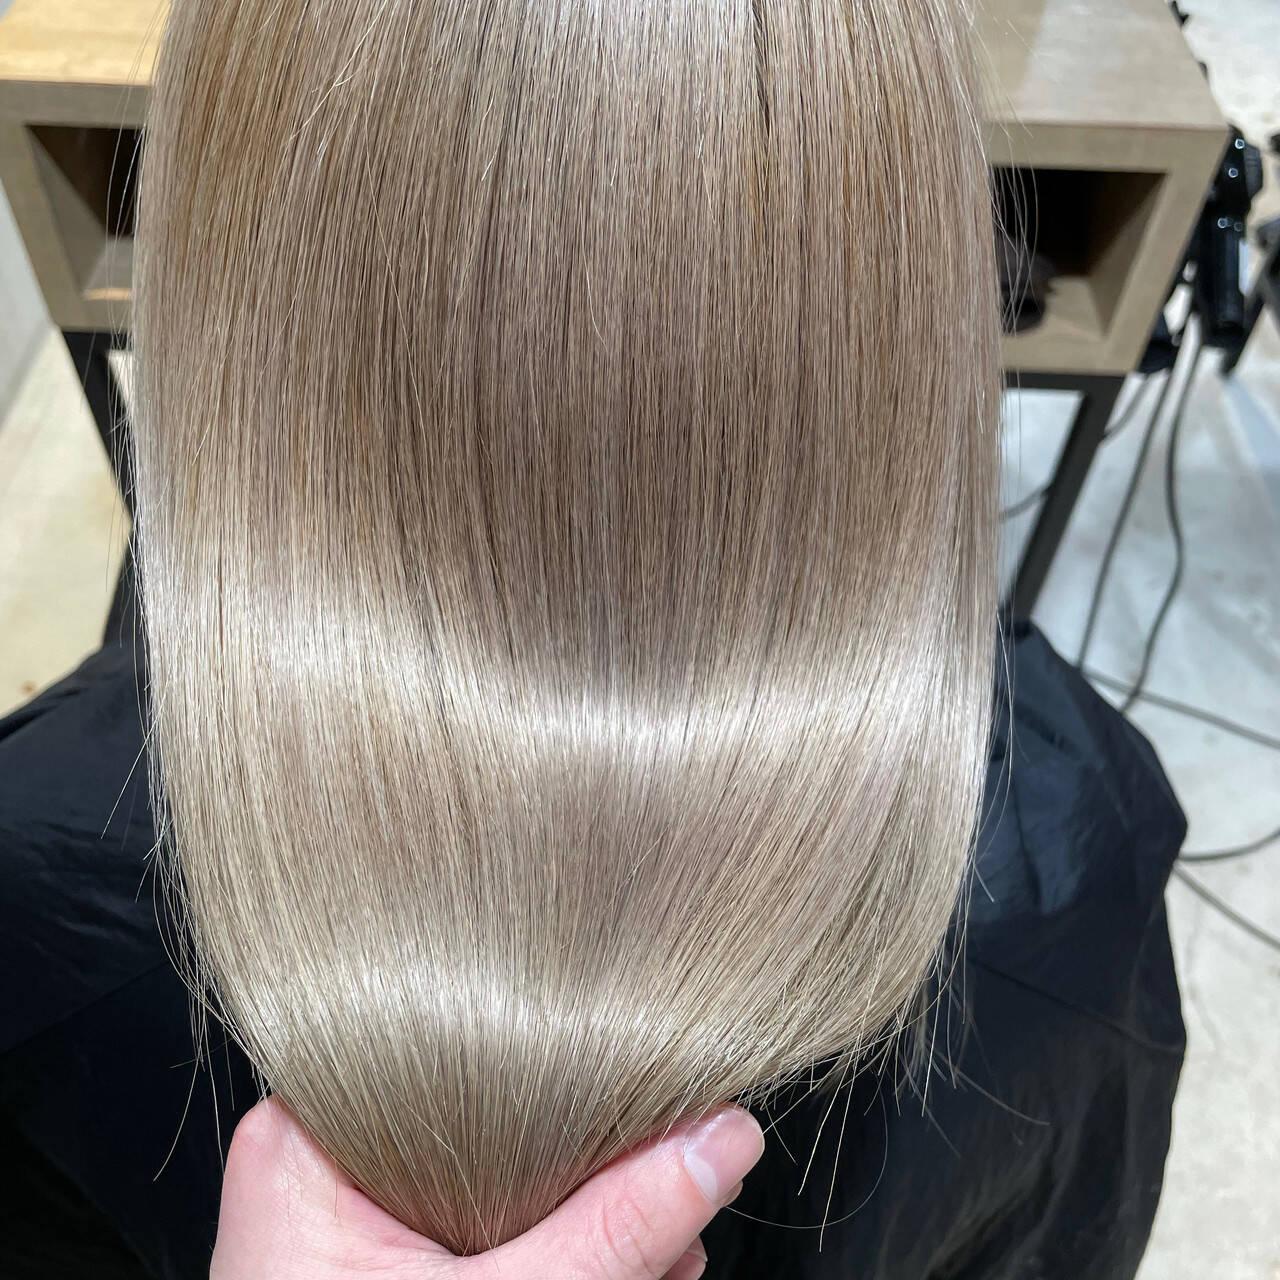 ナチュラル ブリーチカラー ストレート ブリーチオンカラーヘアスタイルや髪型の写真・画像